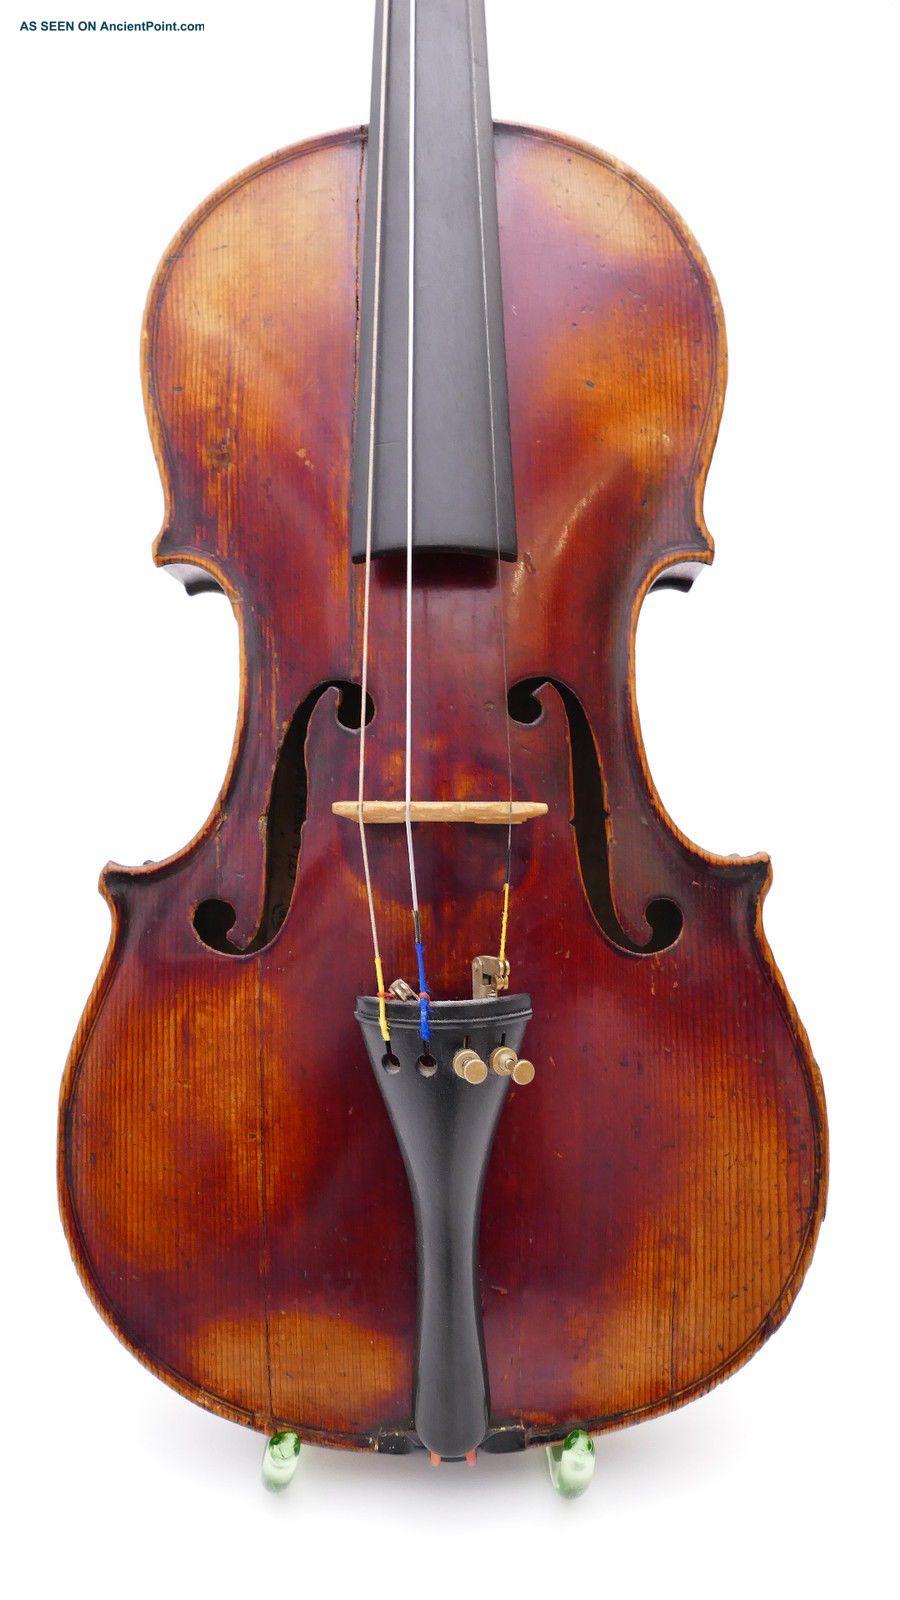 Antonius Stradiuarius Antique Old Violin Violin0 Violine Viola German Germany String photo